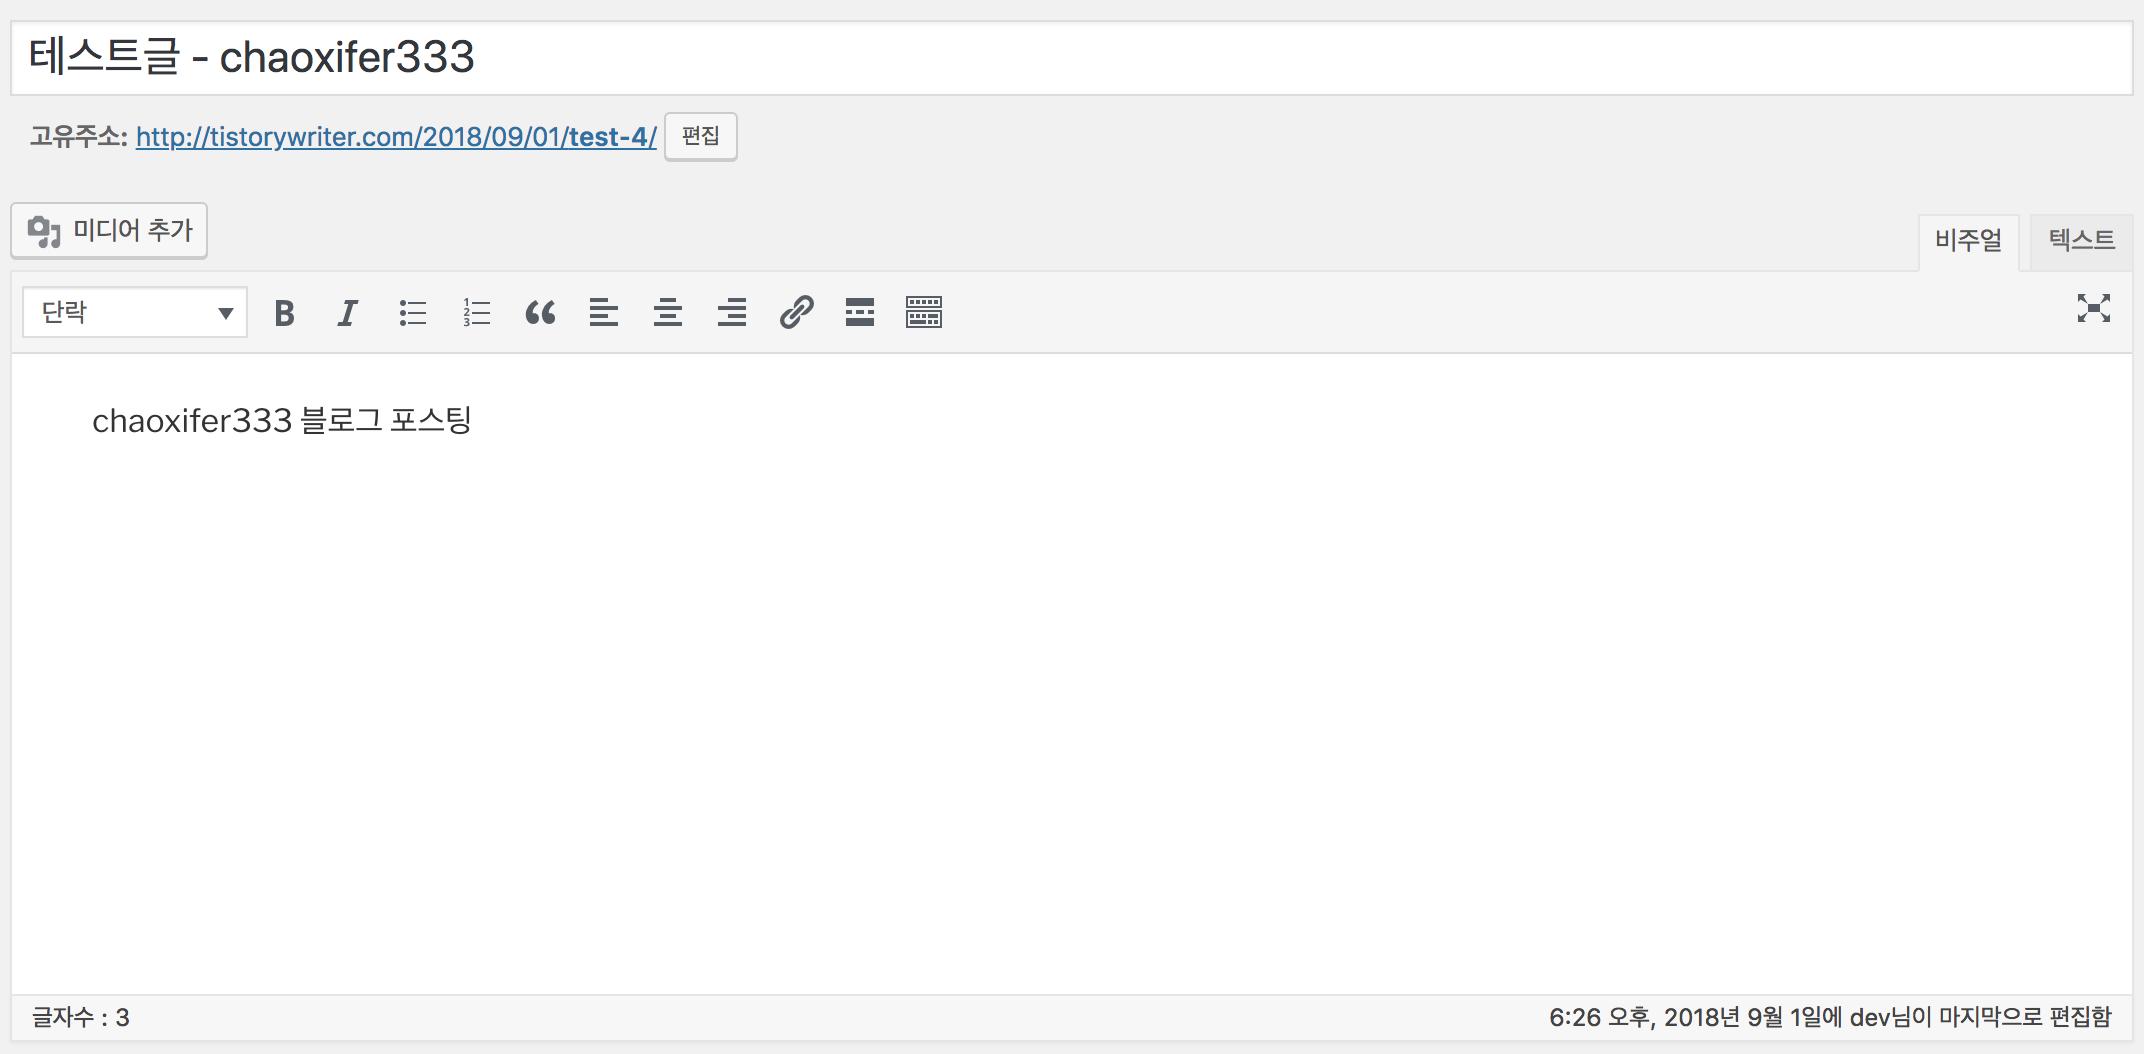 포스팅 글을 올릴 때 연동이 되어 있는 경우, 연동 계정에 대한 정보가 나타나고 티스토리에 올릴 글의 속성을 설정할 수 있습니다.